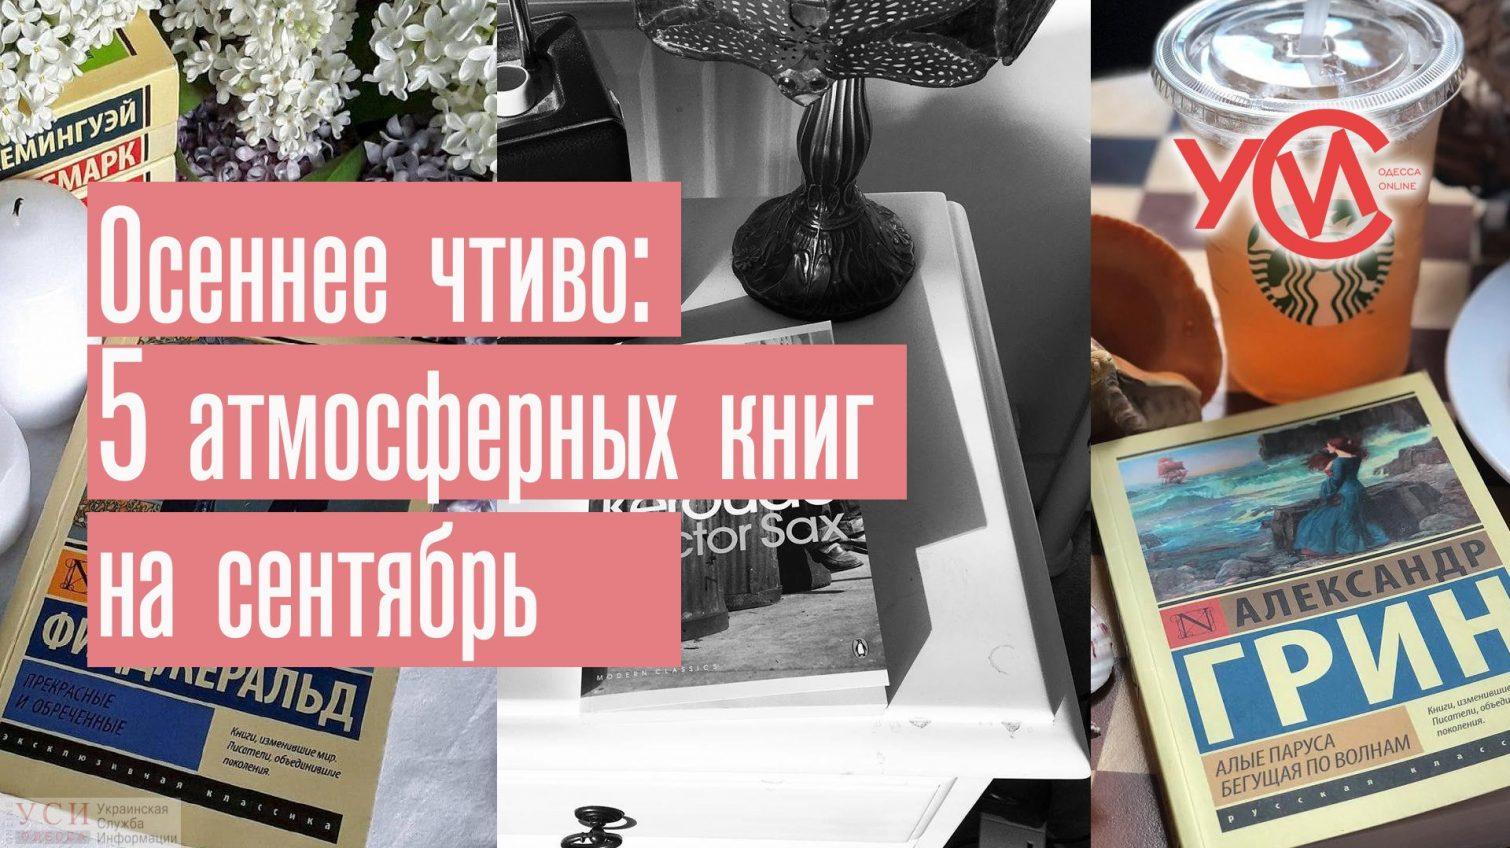 Осеннее чтиво: 5 атмосферных книг на сентябрь (фото) «фото»